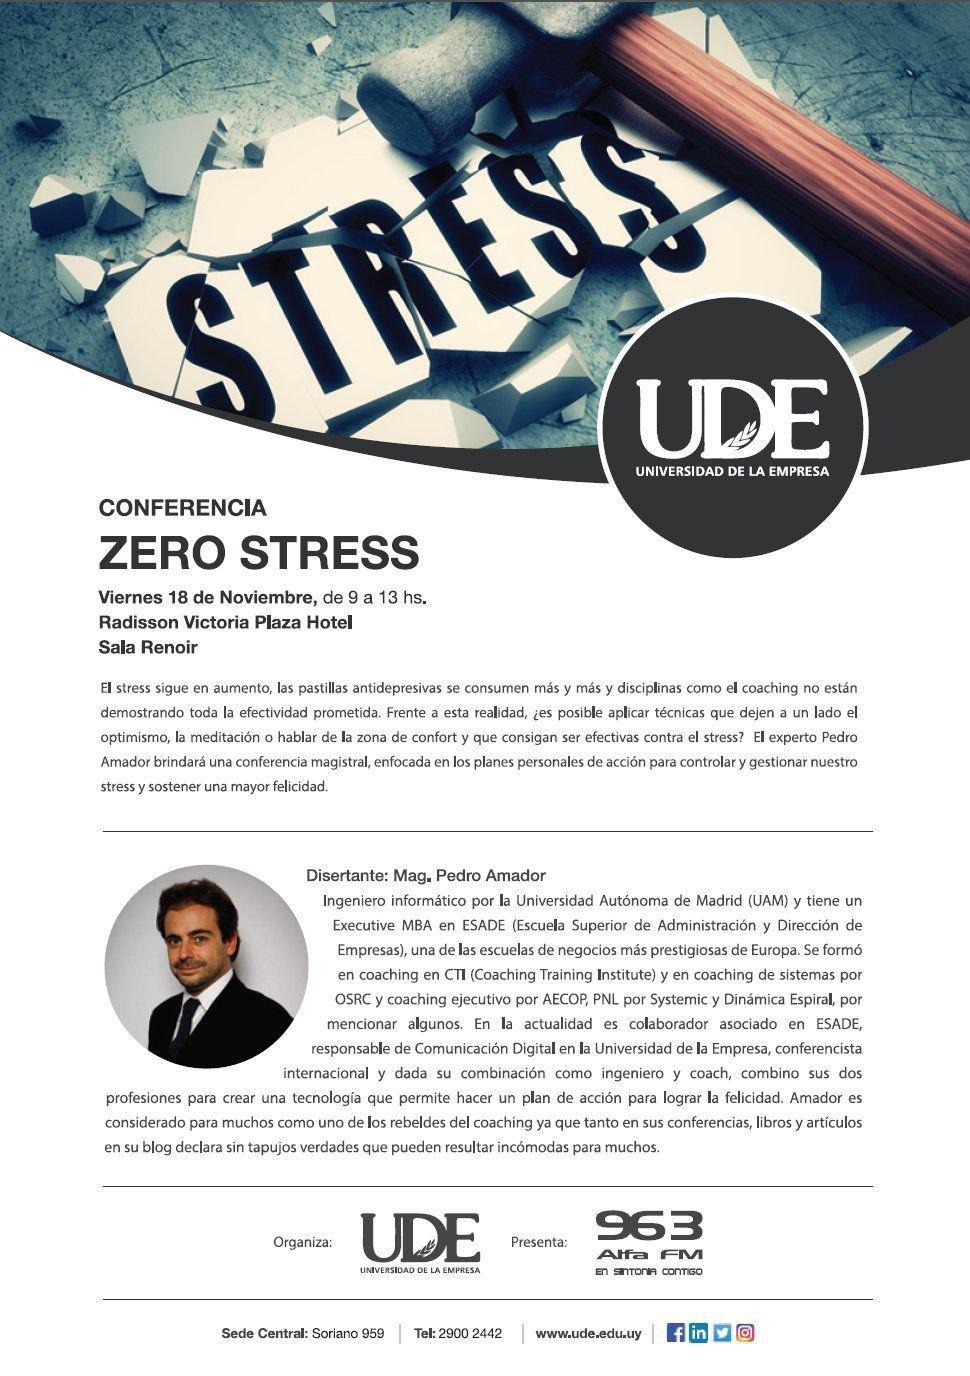 conferencia-zero-stress